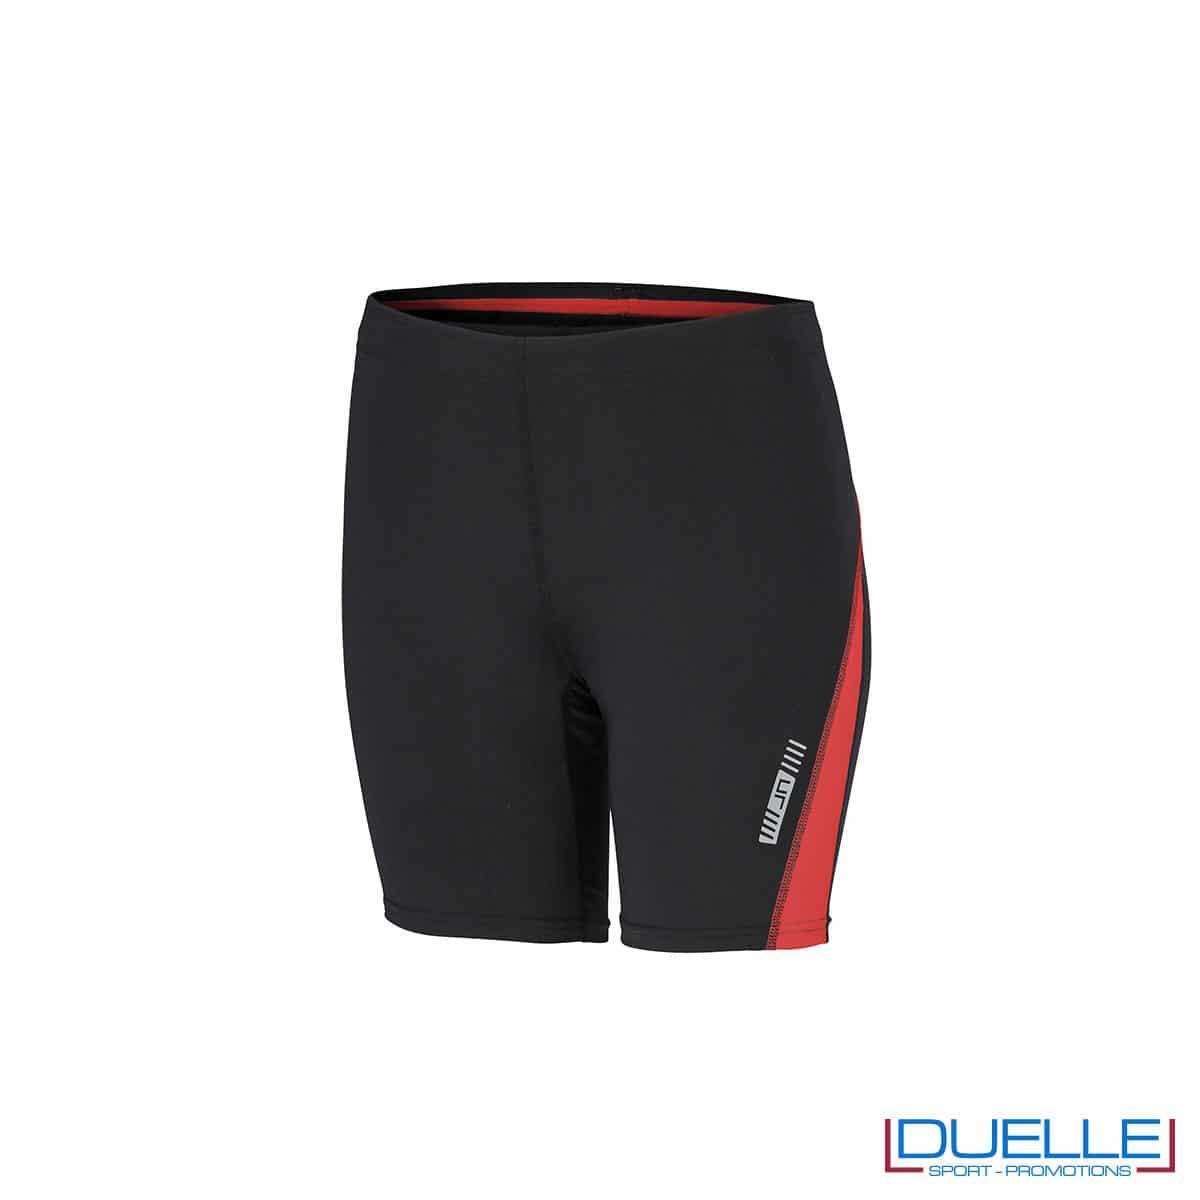 Pantaloncini running donna personalizzati colore nero/rosso